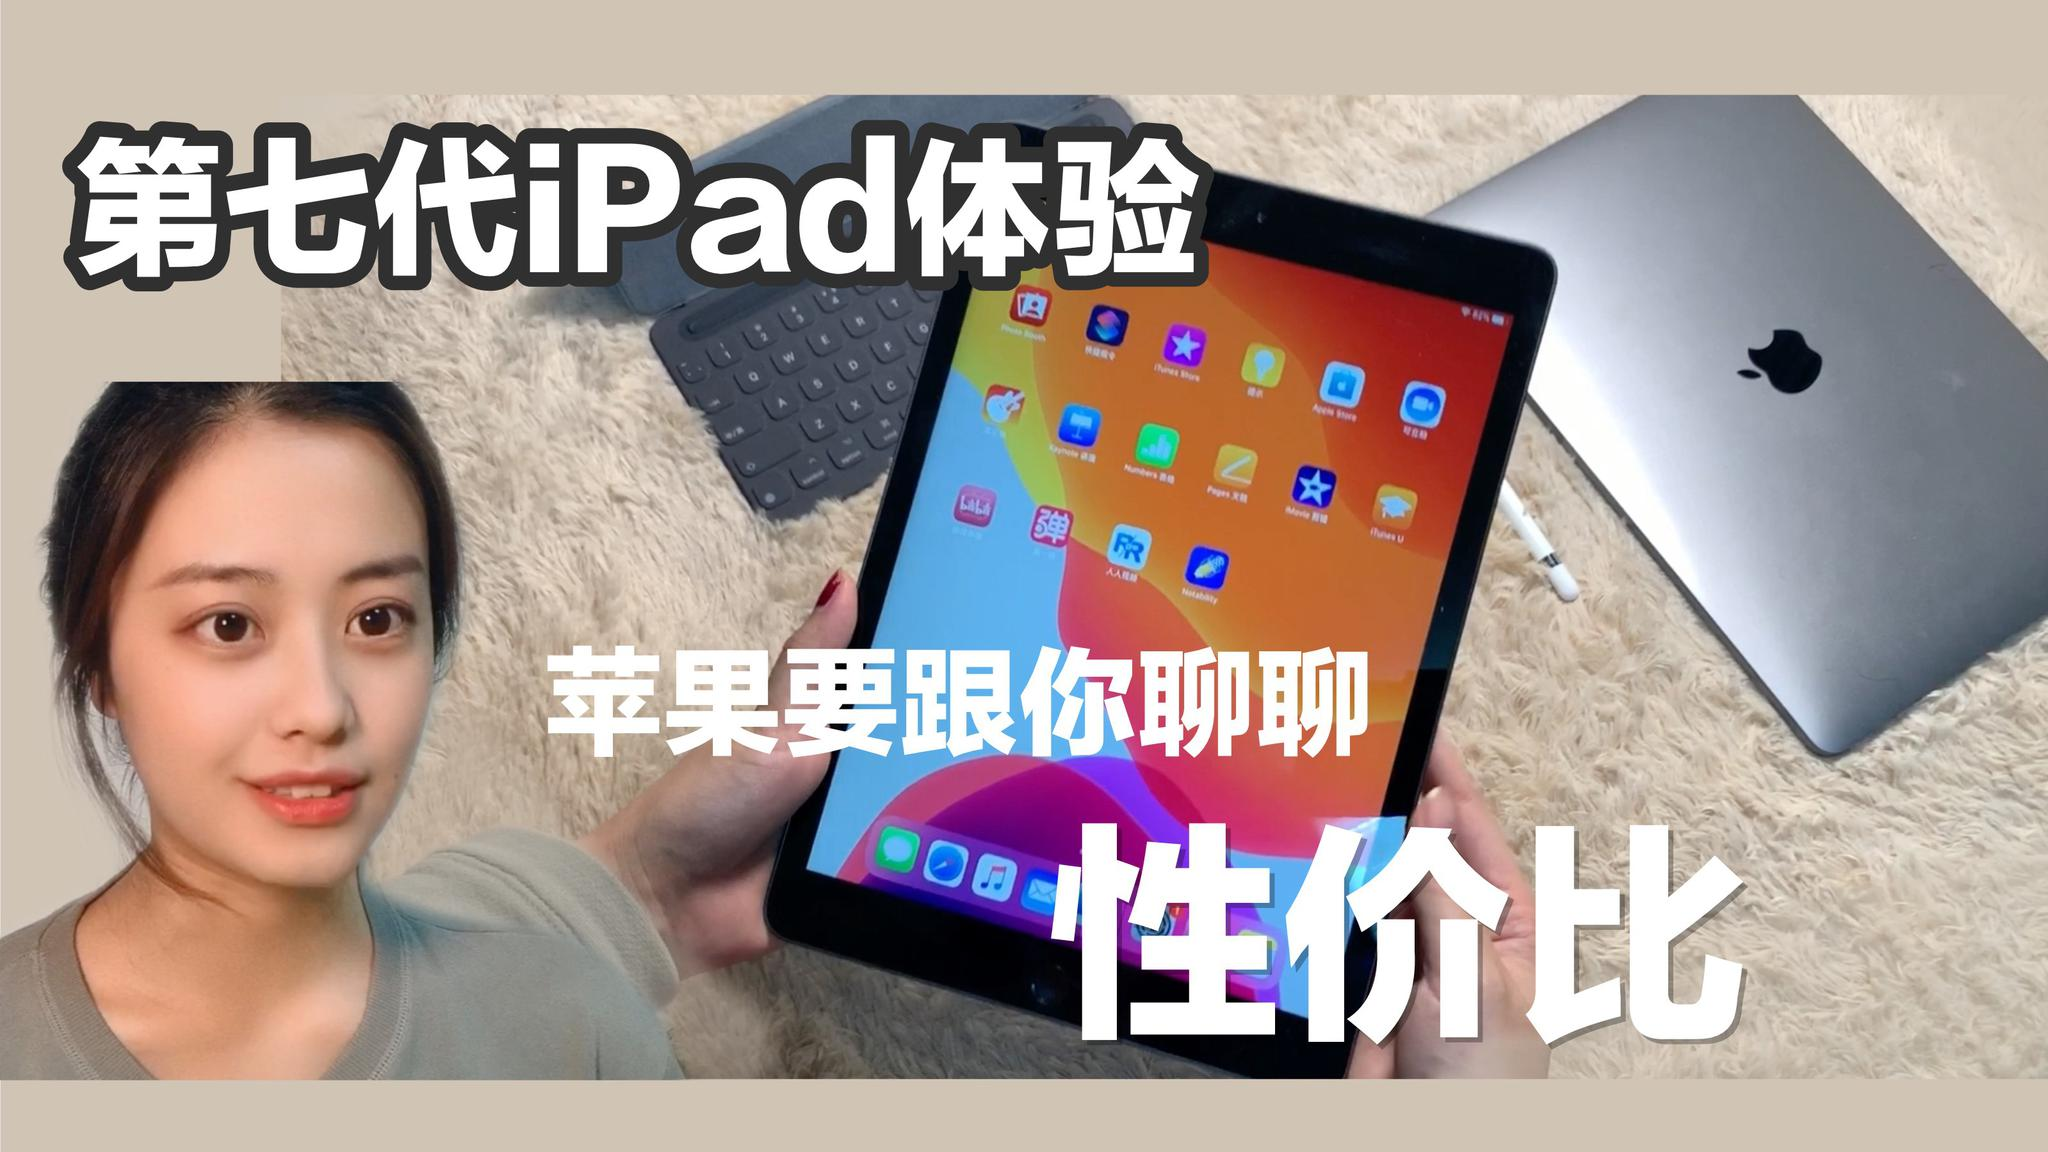 兖州快3直播,第七代iPad体验:苹果要跟你能聊聊性价比